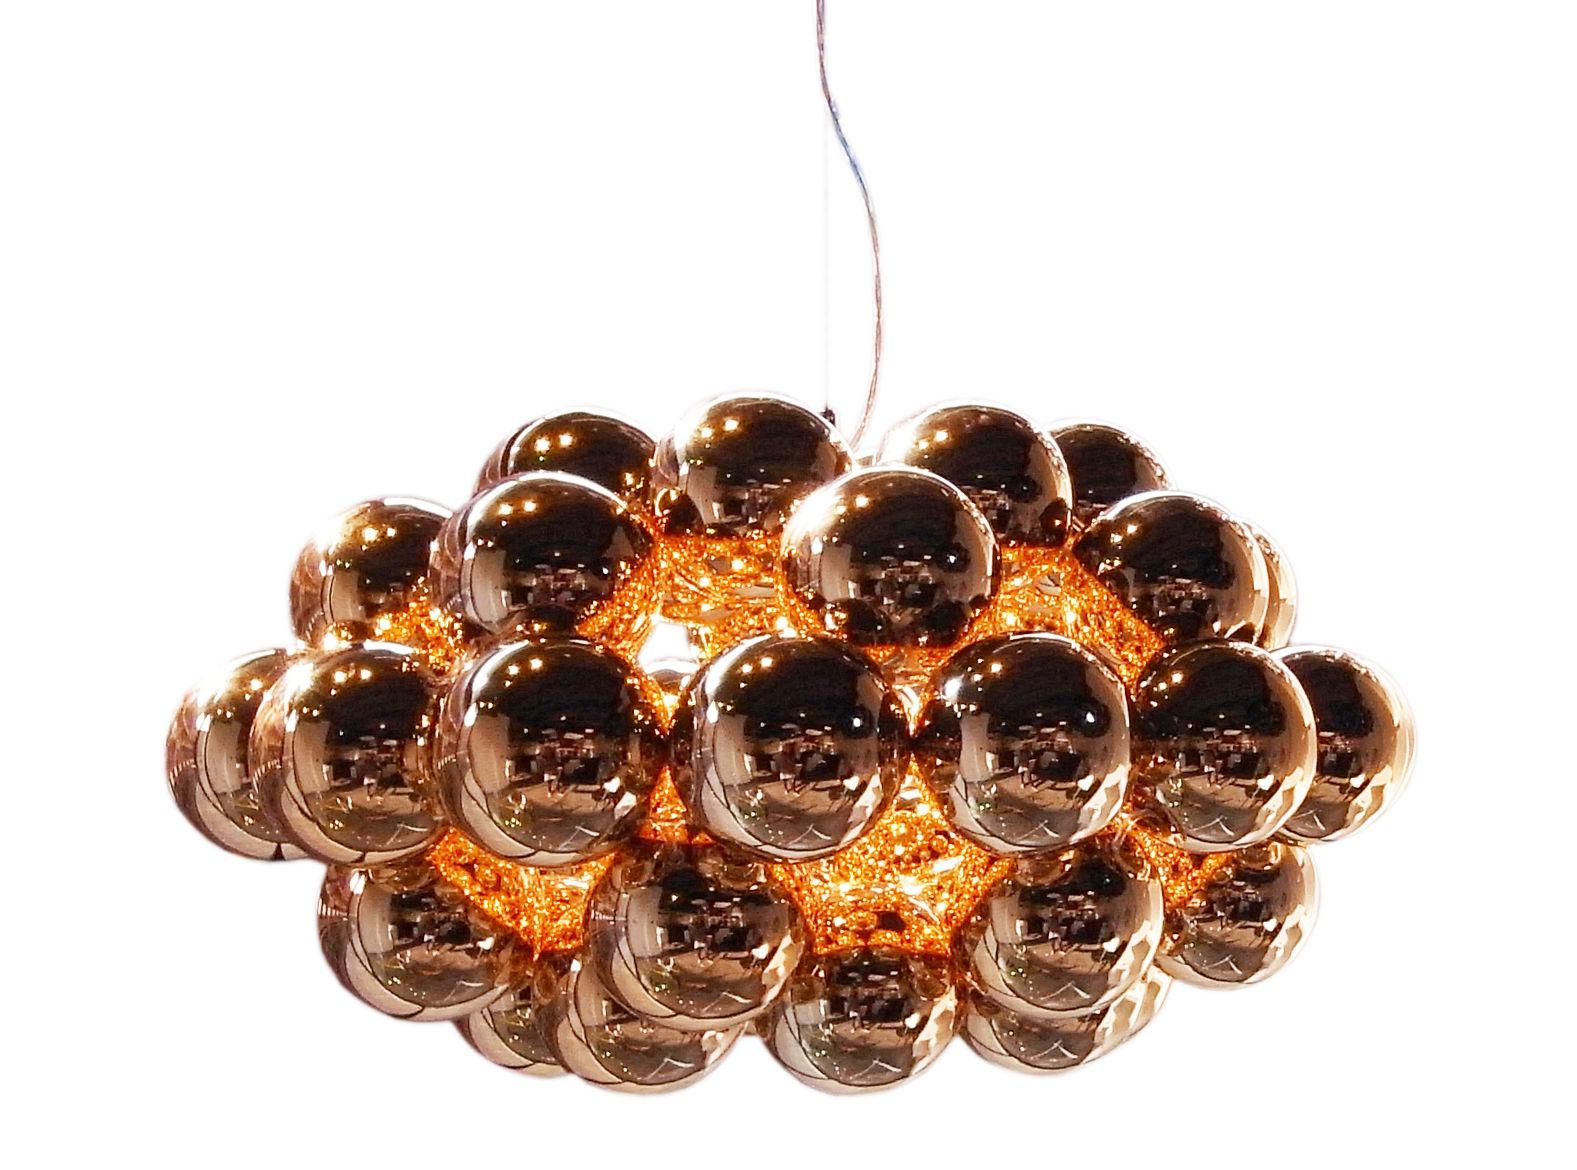 Leuchten - Pendelleuchten - Beads - Octo Pendelleuchte Ø 77 cm - Innermost - Kupfer - Polykarbonat, rostfreier Stahl